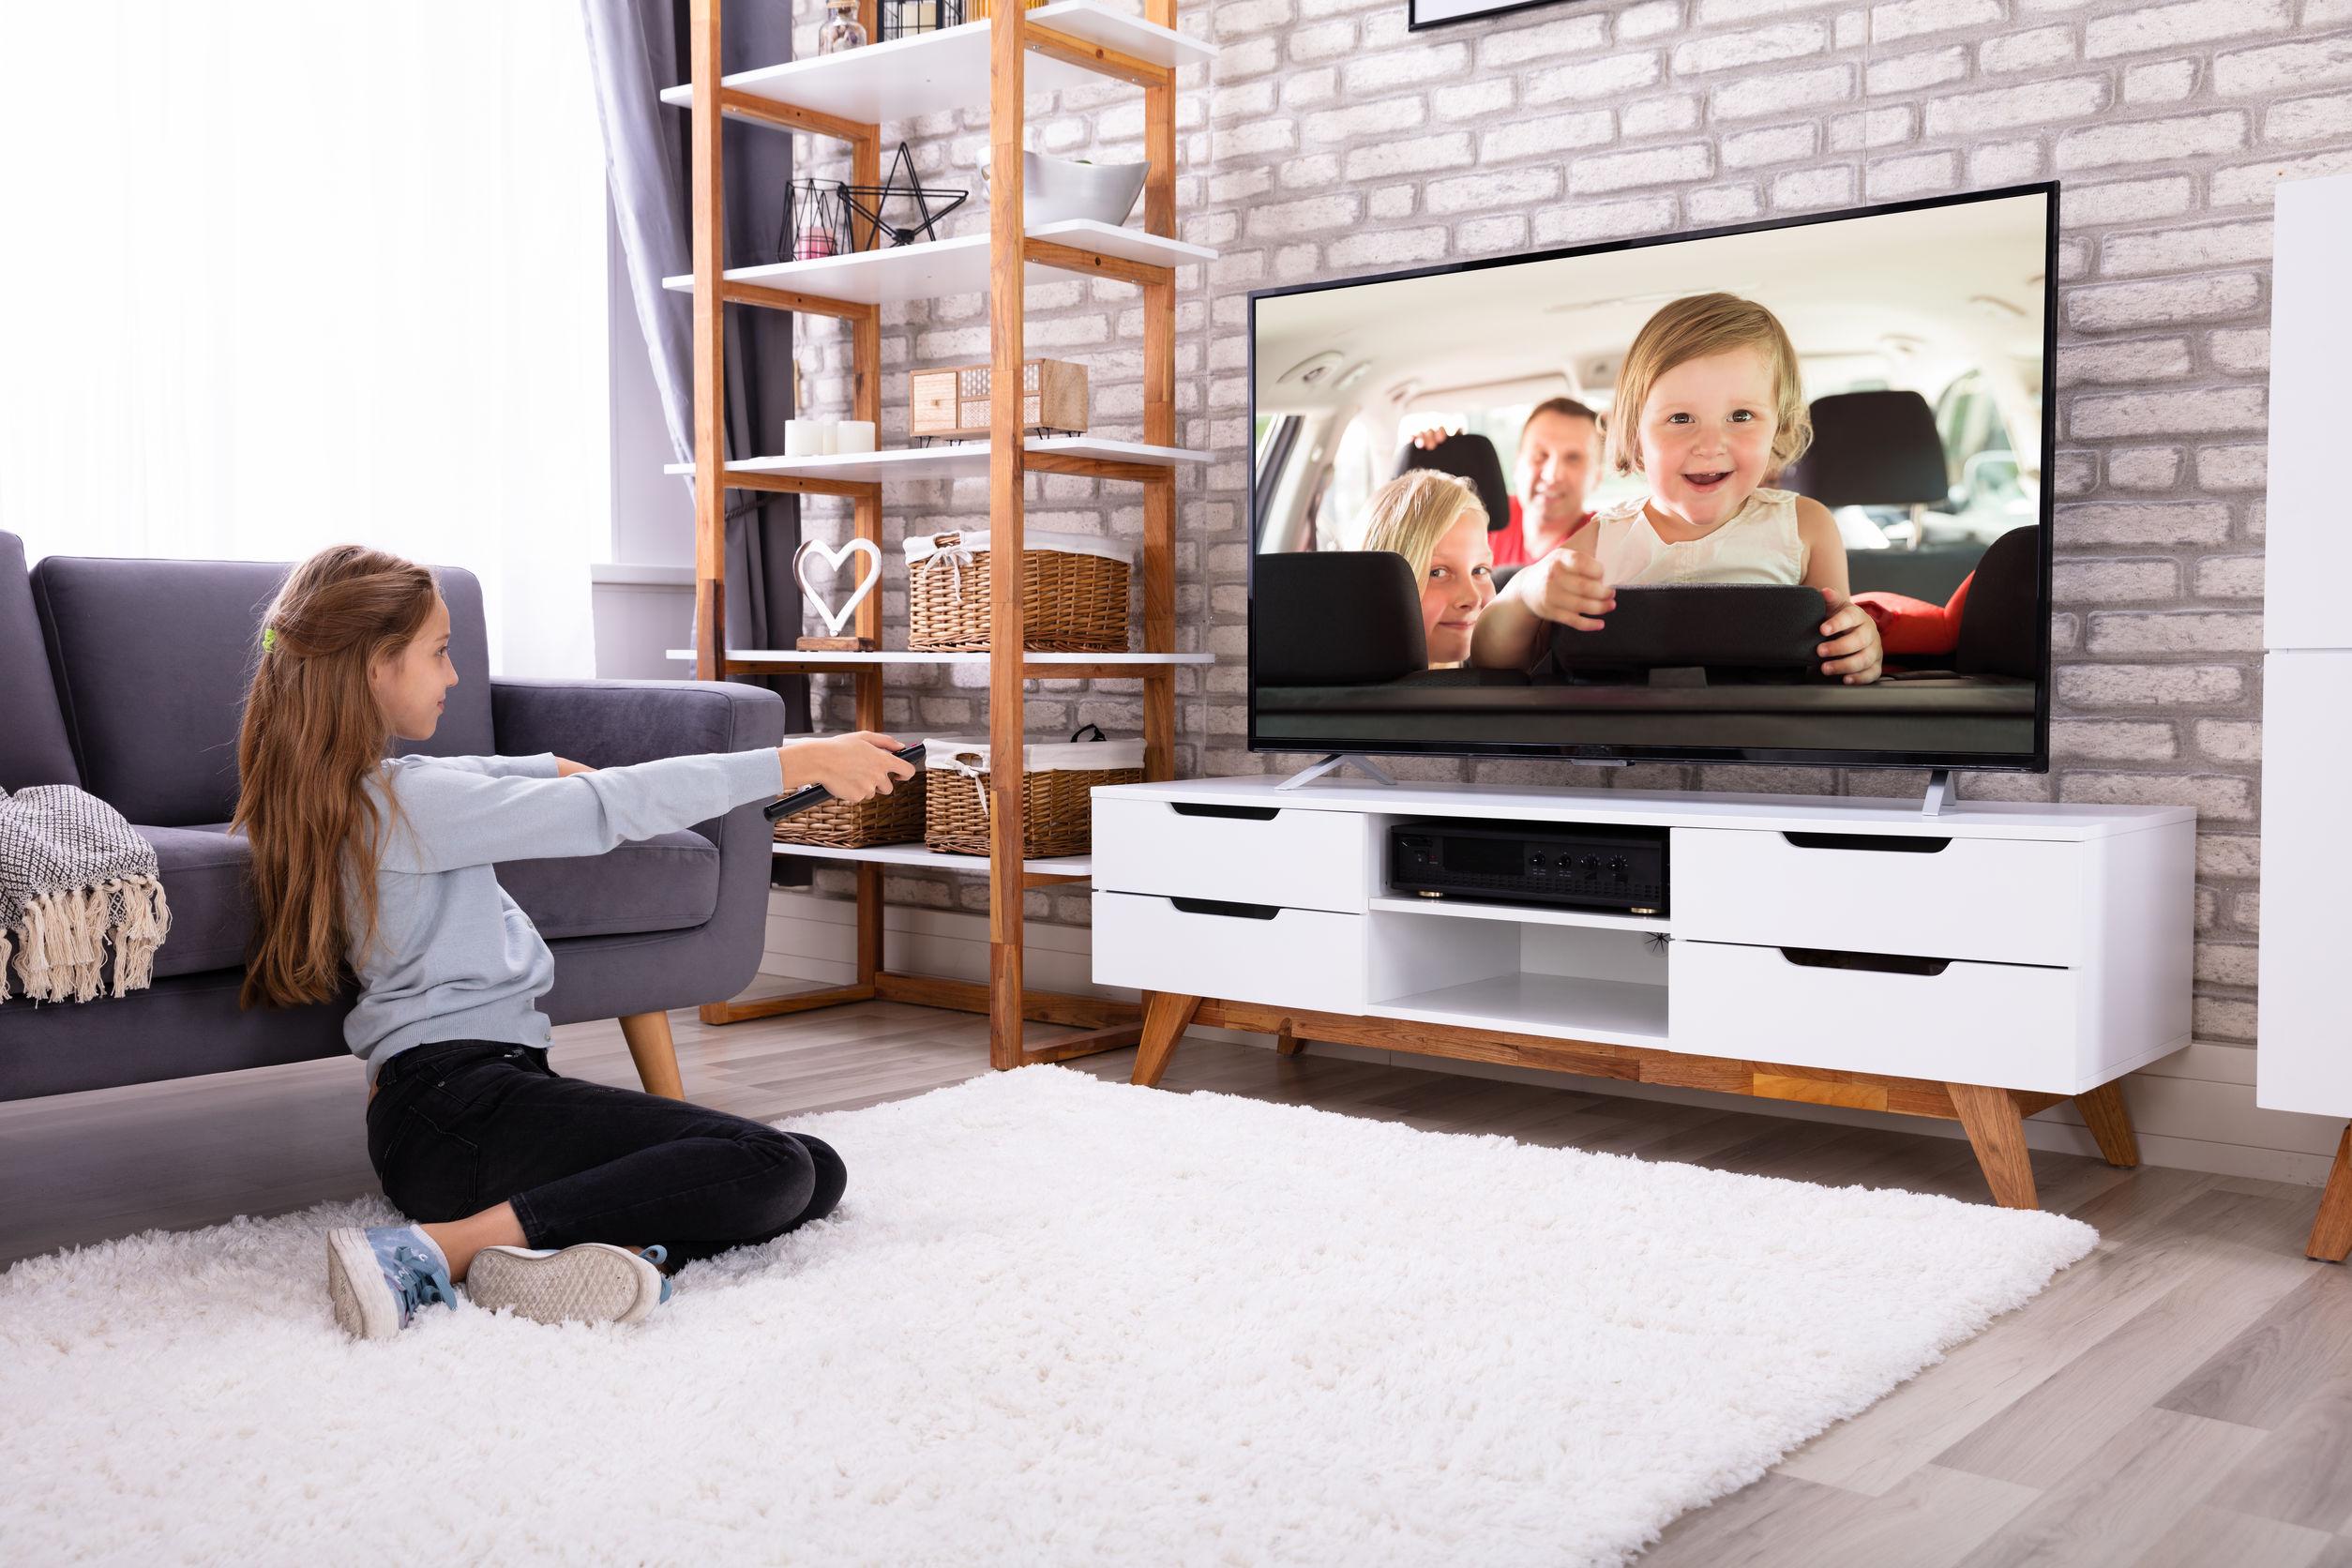 garota na sala assistindo a TV 4k